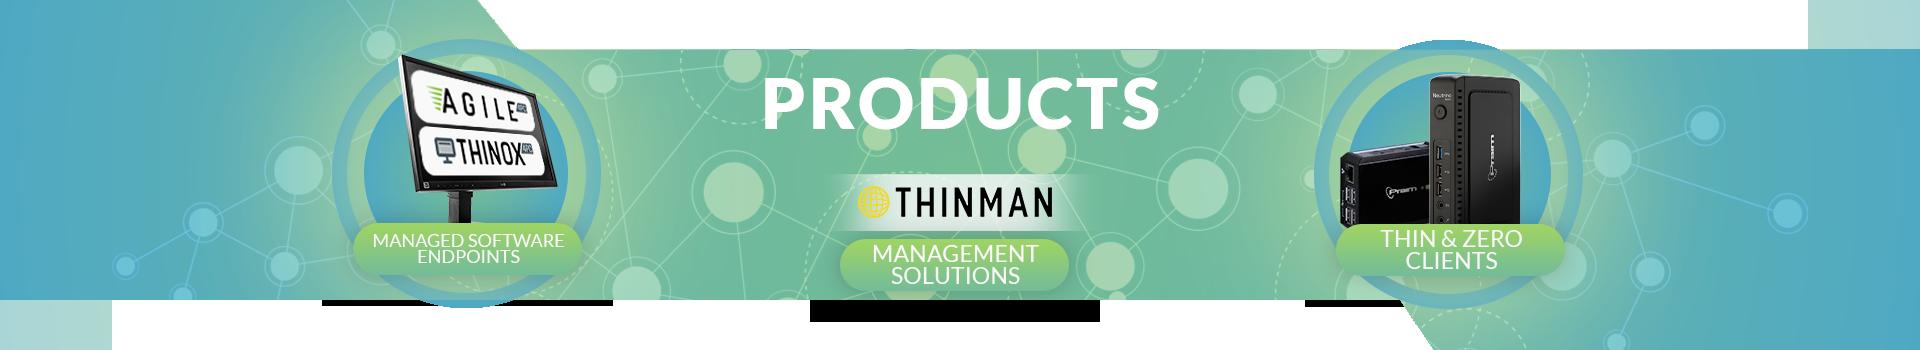 Praim Products